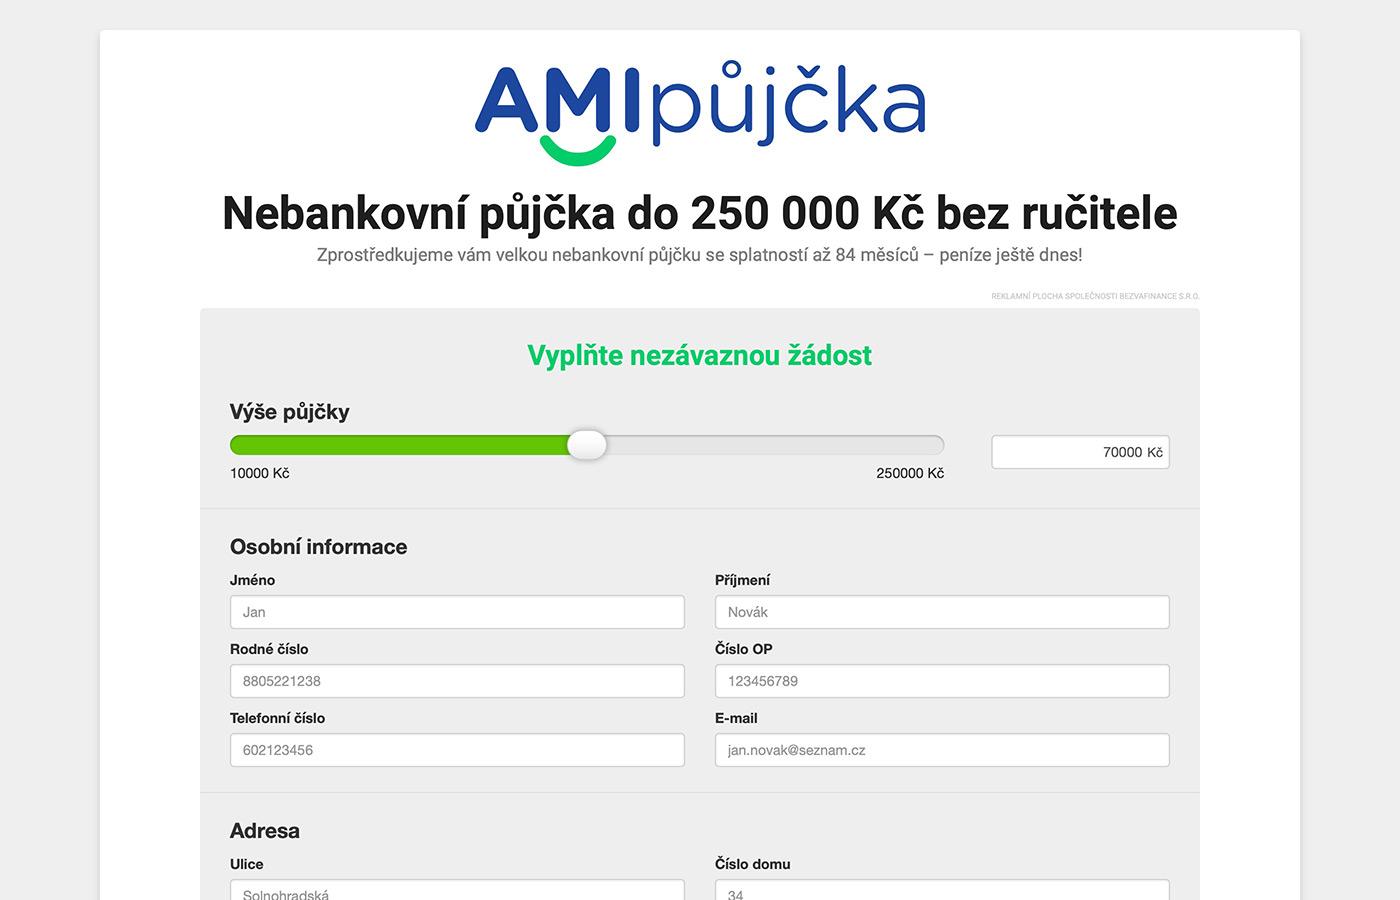 Webové stránky https://www.amipujcka.cz